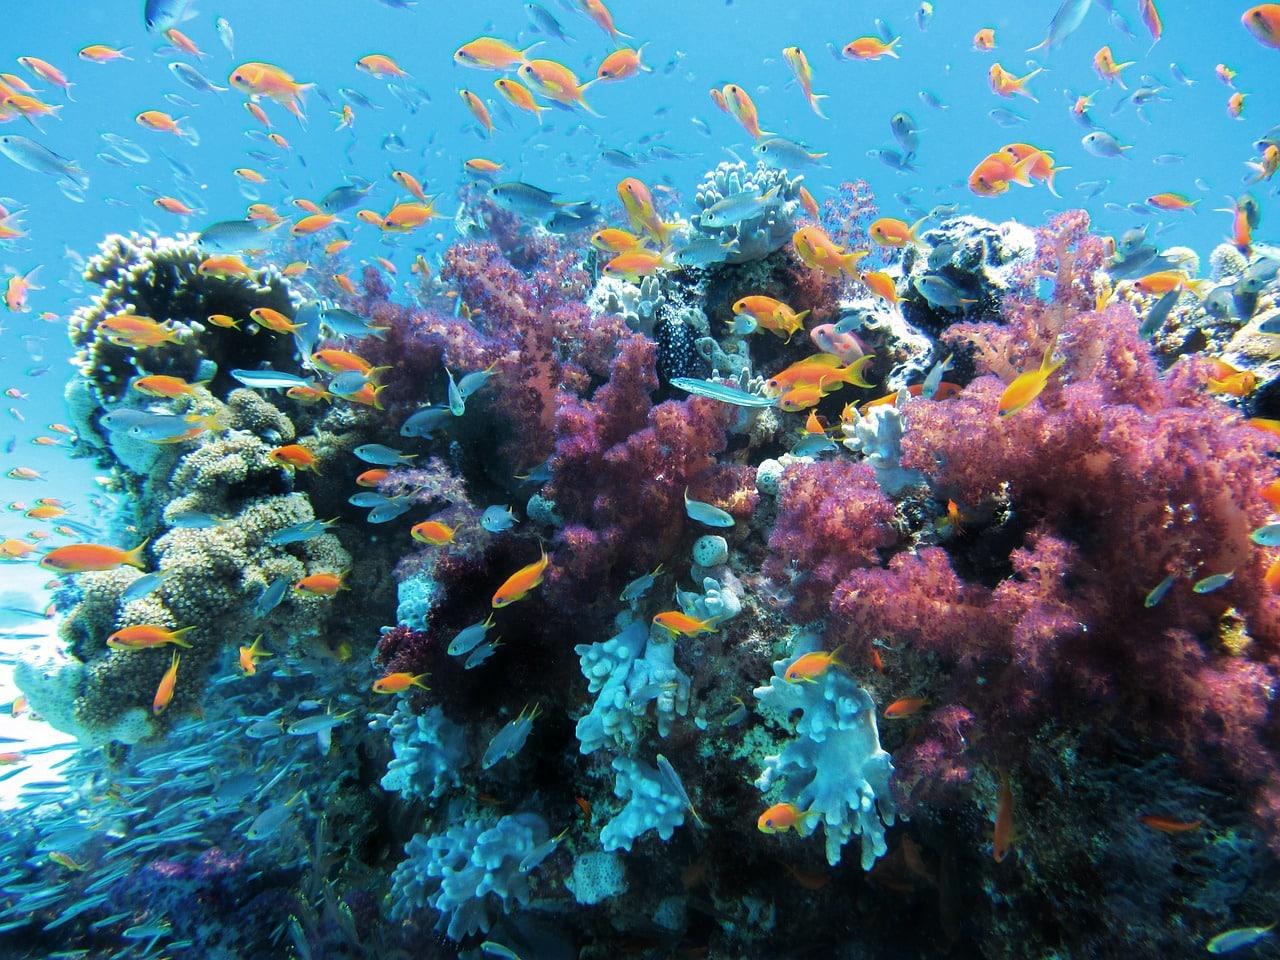 Herpes em coral marinho